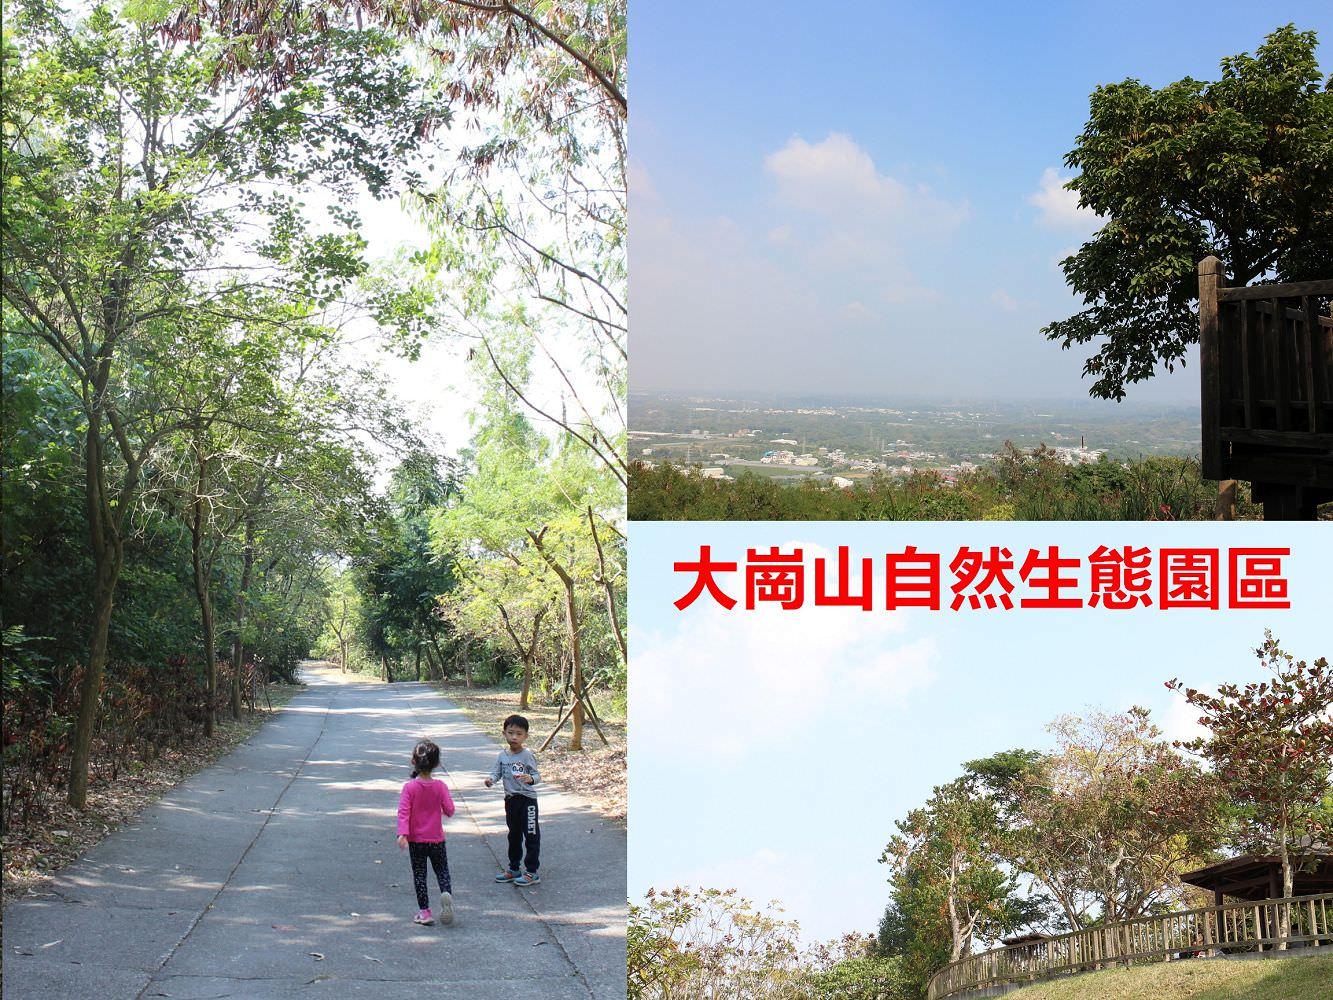 高雄景點︱大崗山自然生態園區:親子跑跳、大口森呼吸